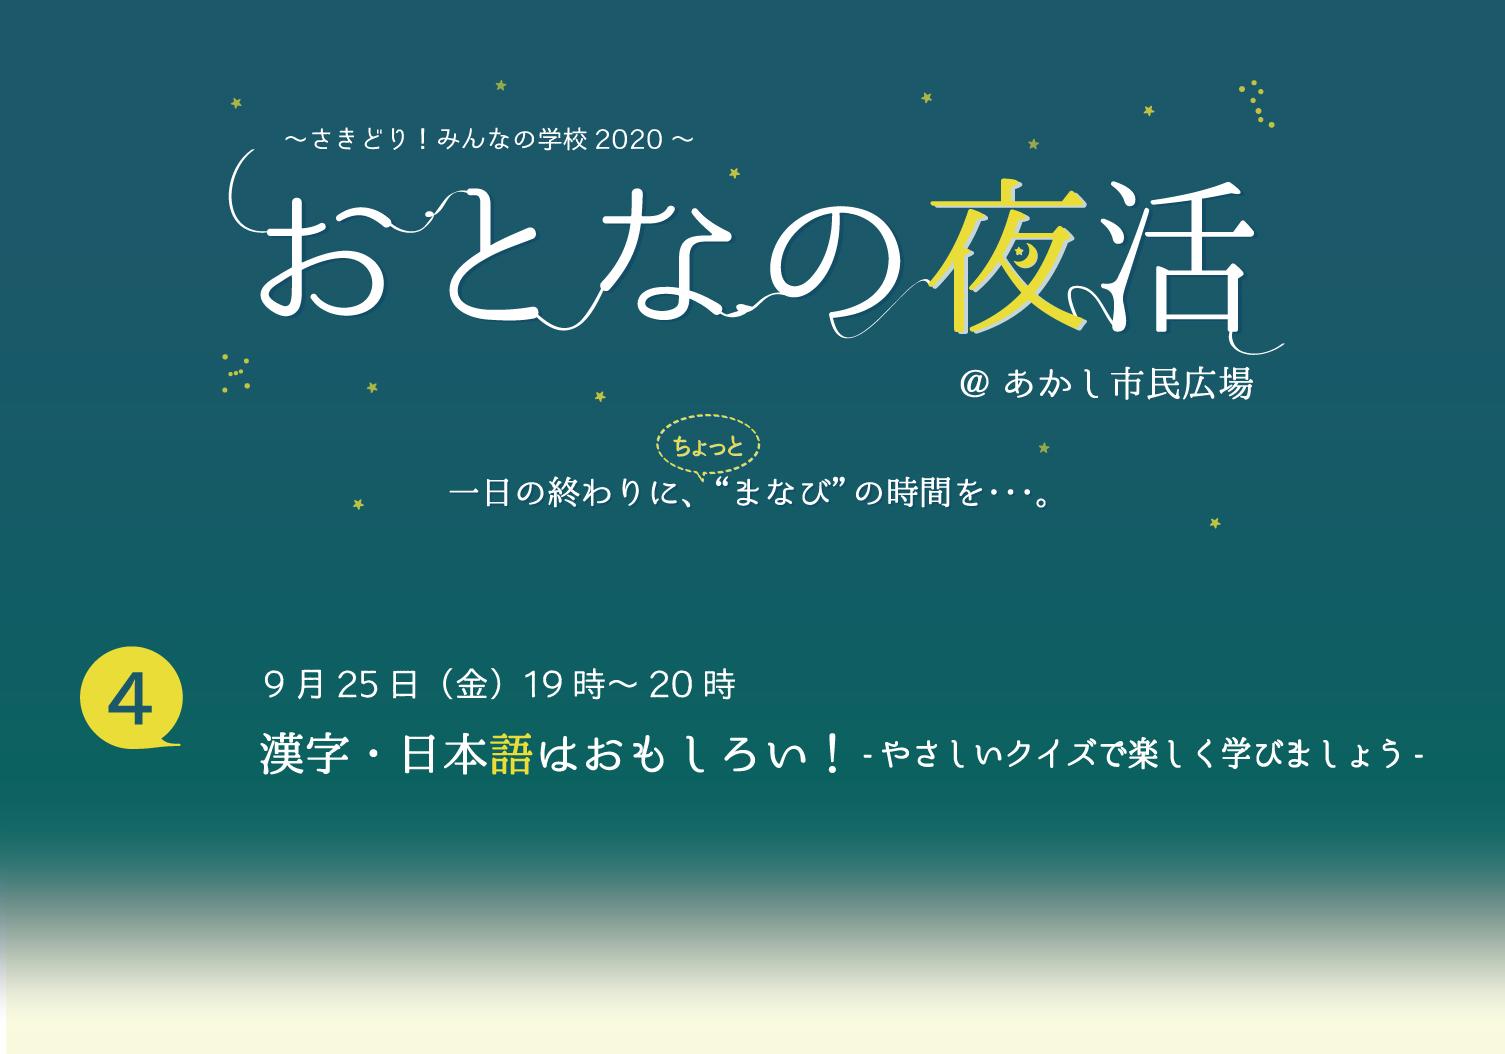 おとなの夜活 「漢字・日本語はおもしろい! ーやさしいクイズで楽しく学びましょうー」